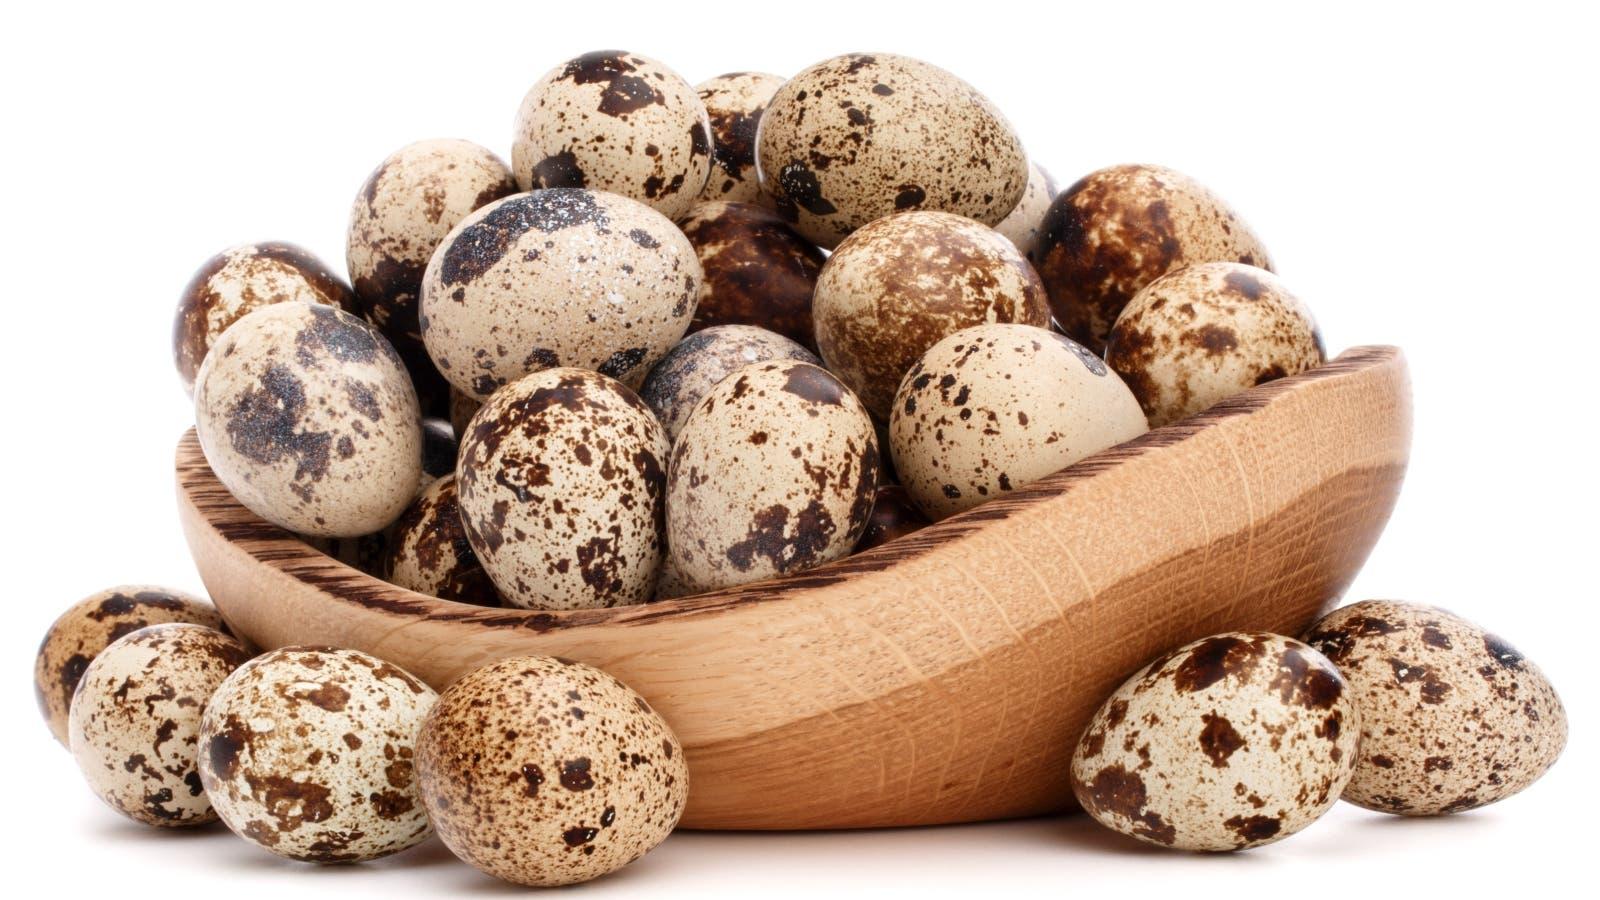 فوائد بيض السمان في تقوية مناعة الجسم